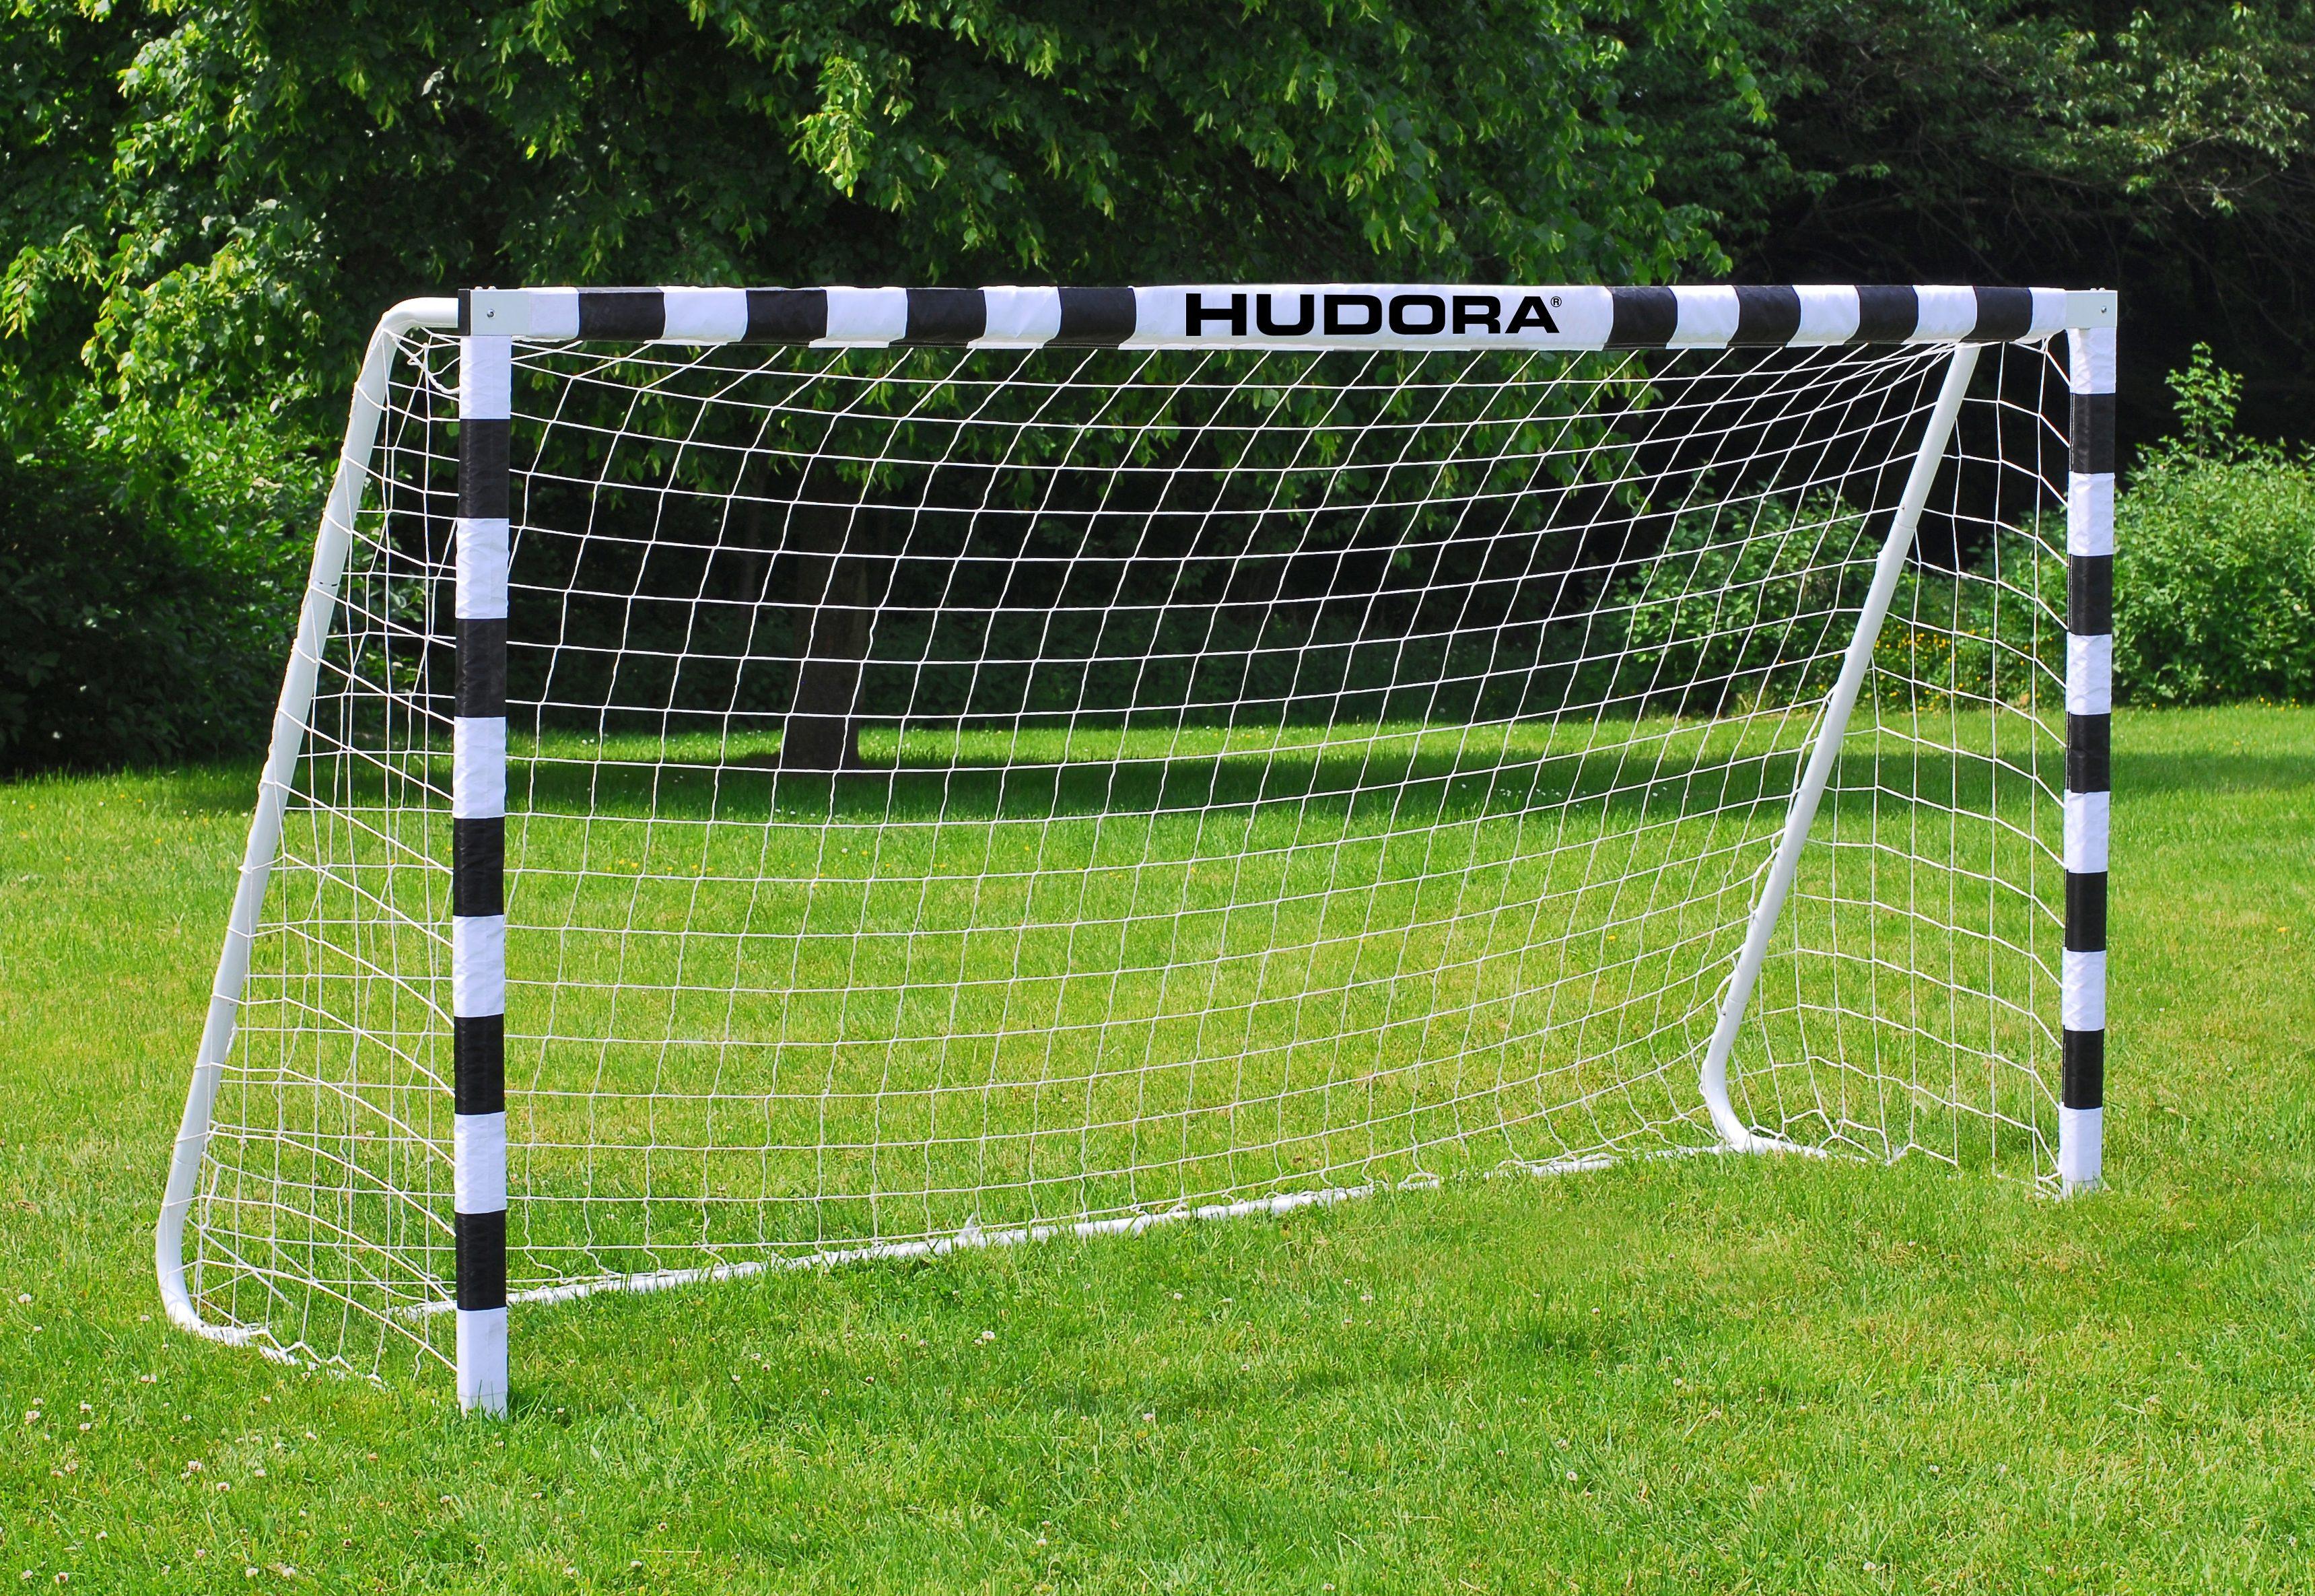 Fußballtor, »Stadion 200cm«, Hudora